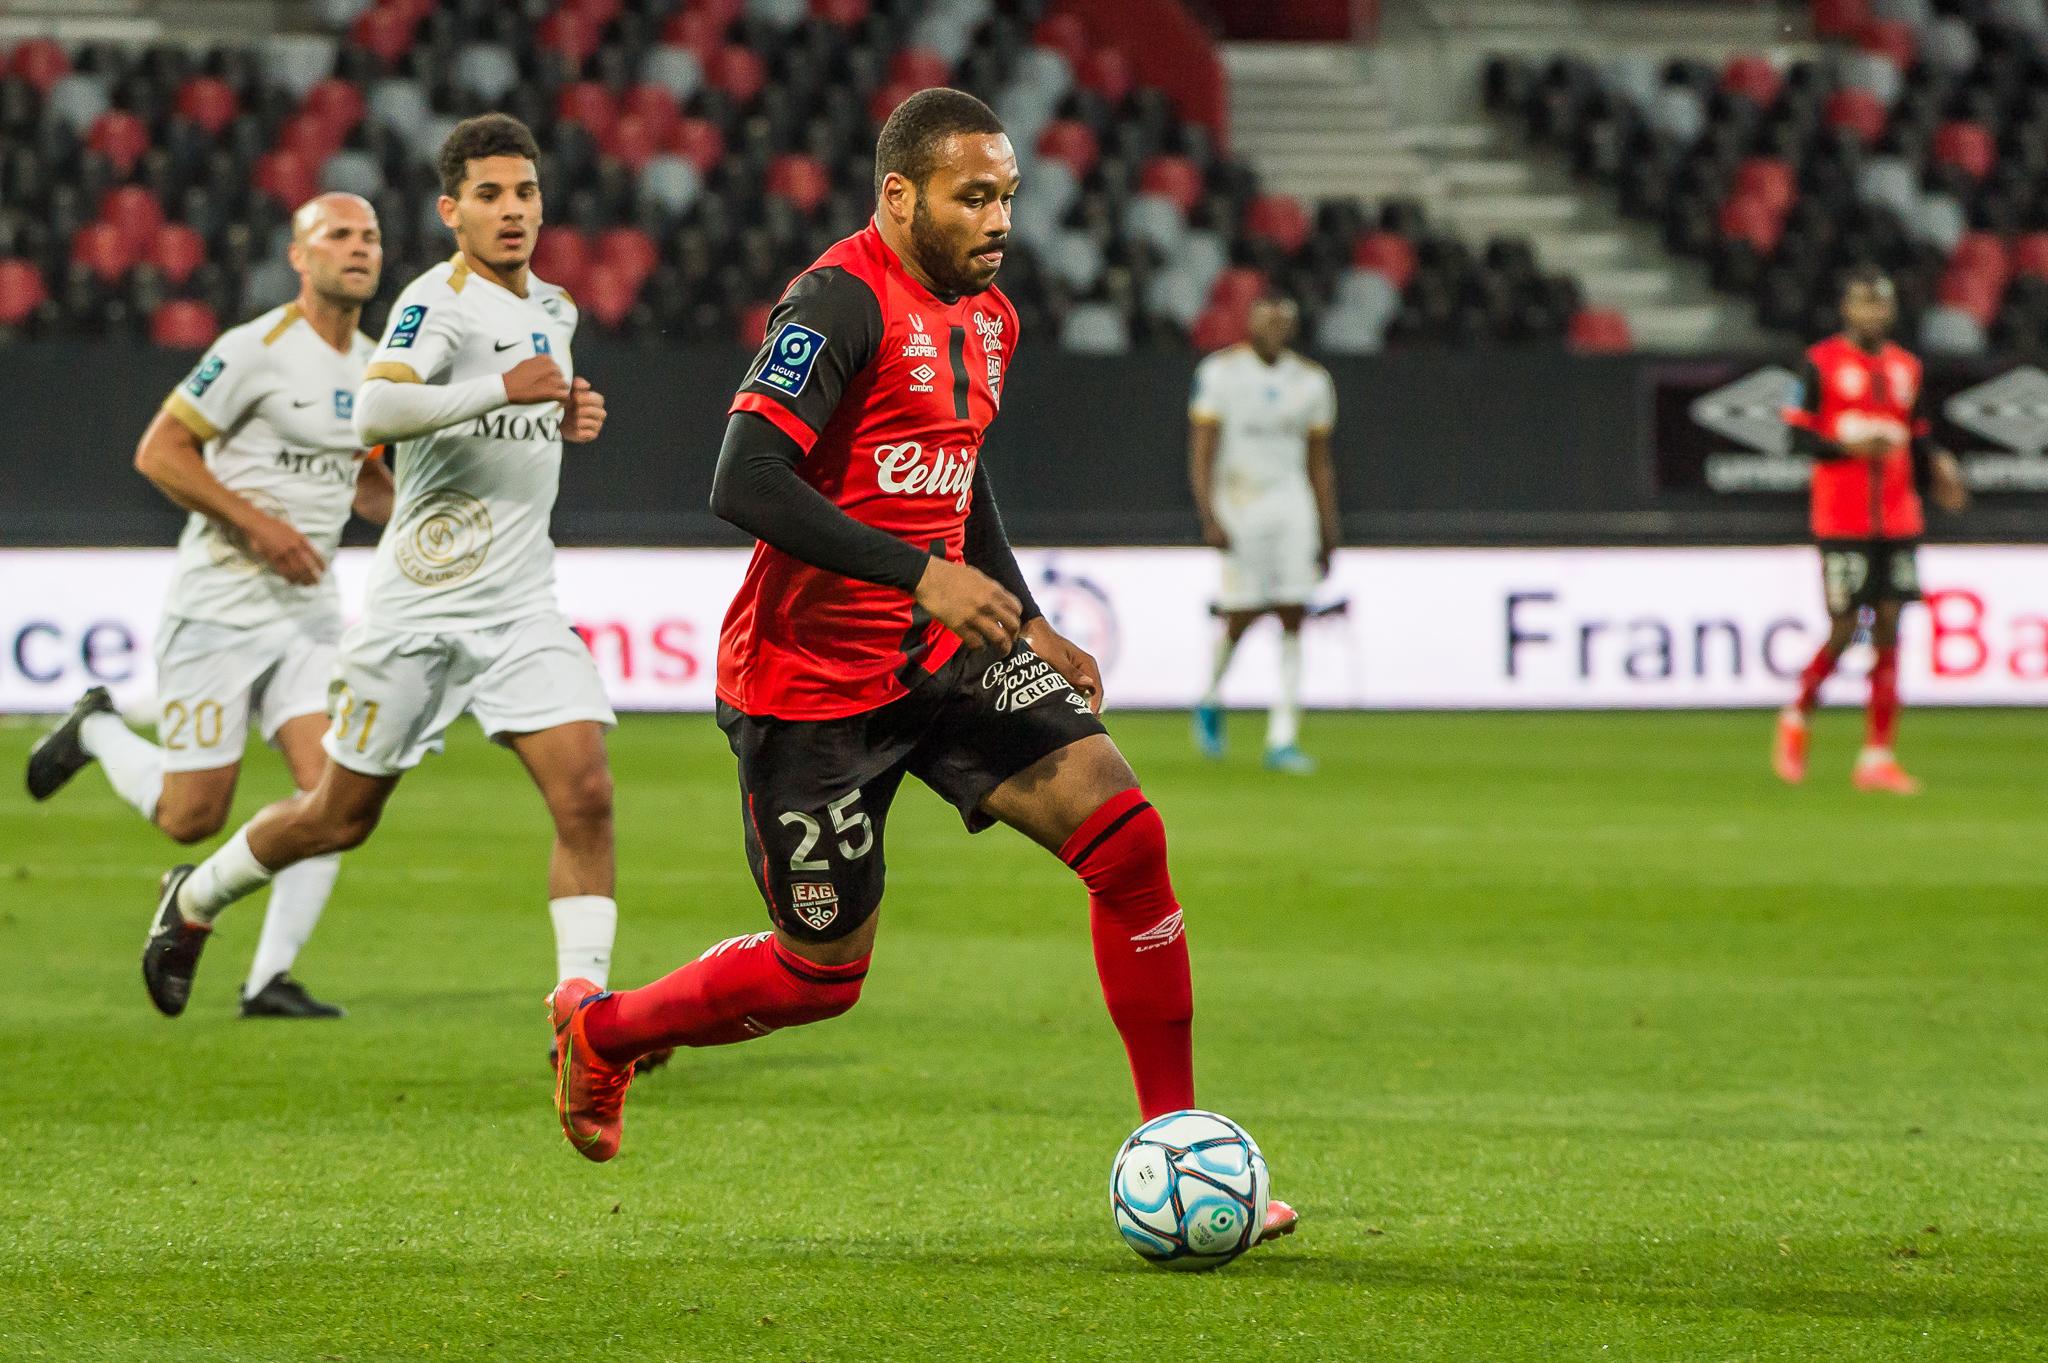 EA Guingamp La Berrichonne Châteauroux J37 Ligue 2 BKT EAGLBC 2-0 Stade de Roudourou FRA_5873